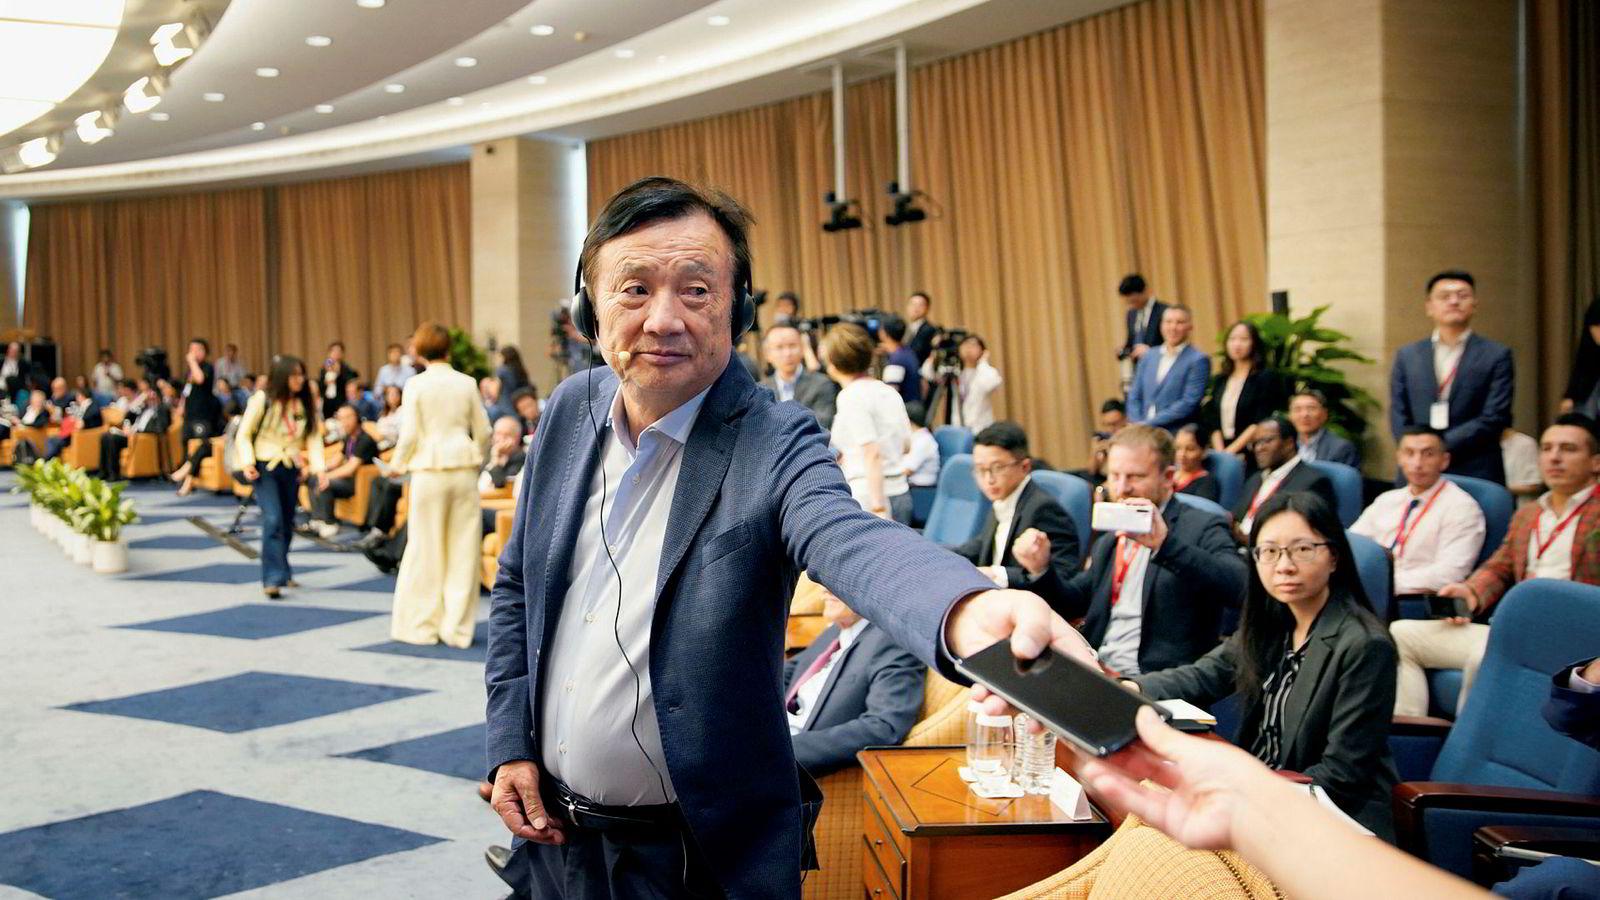 Huawei-grunnlegger Ren Zhengfei står bak Kinas største og viktigste teknologiselskap. Selskapet er en trussel – og forhandlingsbrikke – i handelskrigen mellom USA og Kina. Her fra en konferanse ved selskapets hovedkontor i sommer.